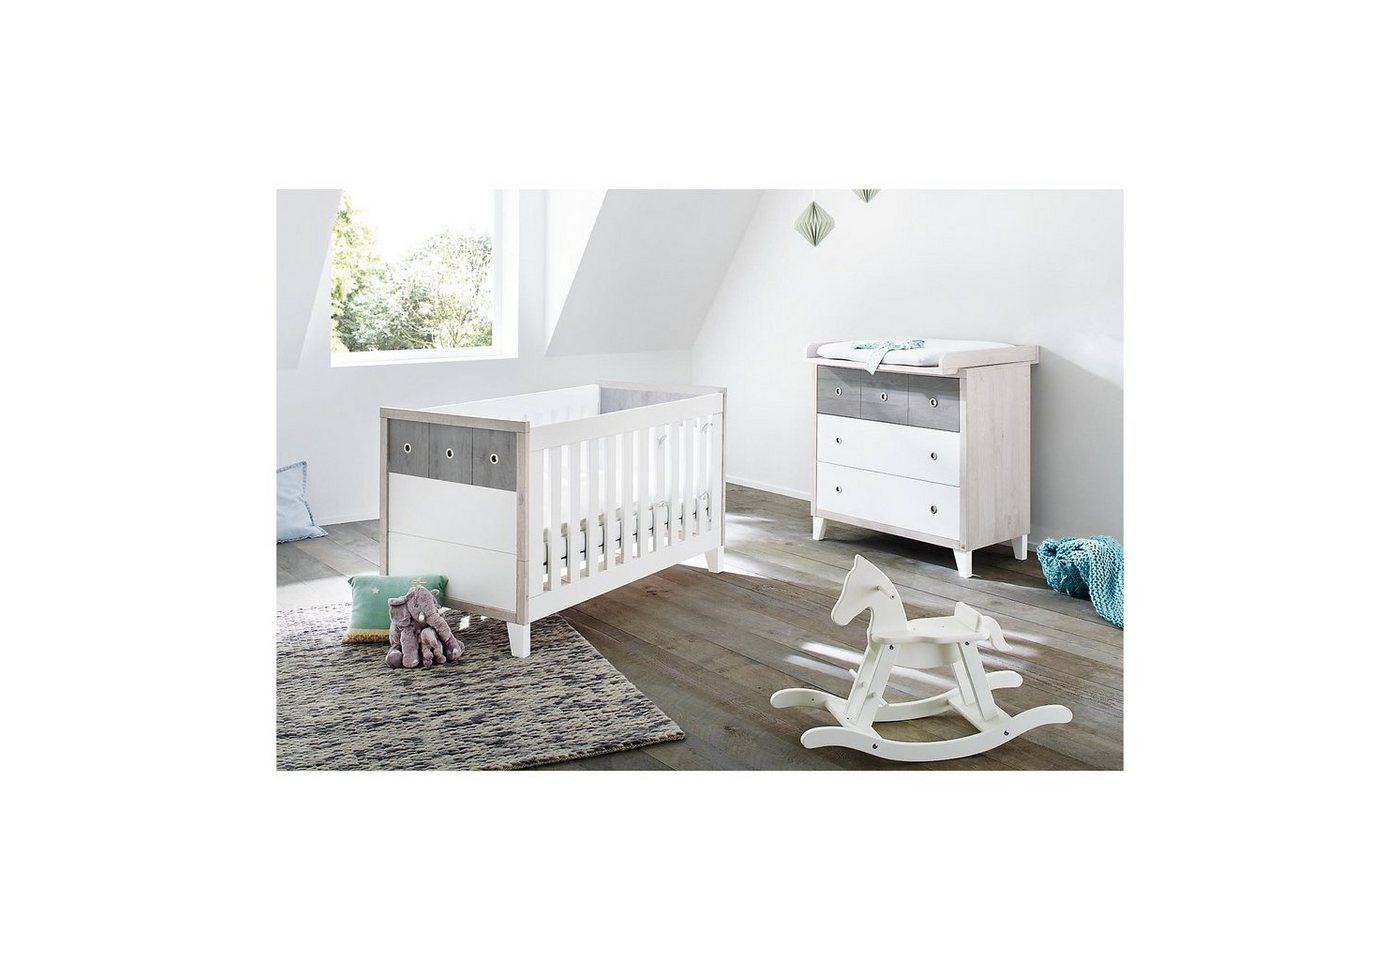 mdf weiss pinolino preisvergleiche erfahrungsberichte. Black Bedroom Furniture Sets. Home Design Ideas